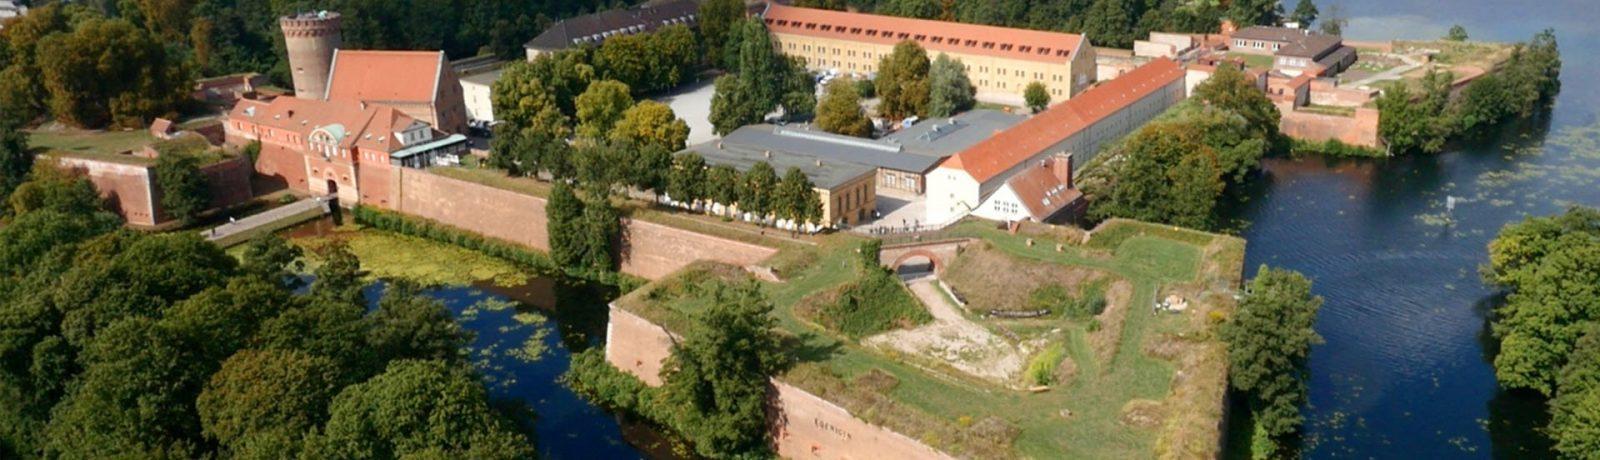 Luftbild der Zitadelle, Foto: Zitadelle Berlin, Firma airdolly